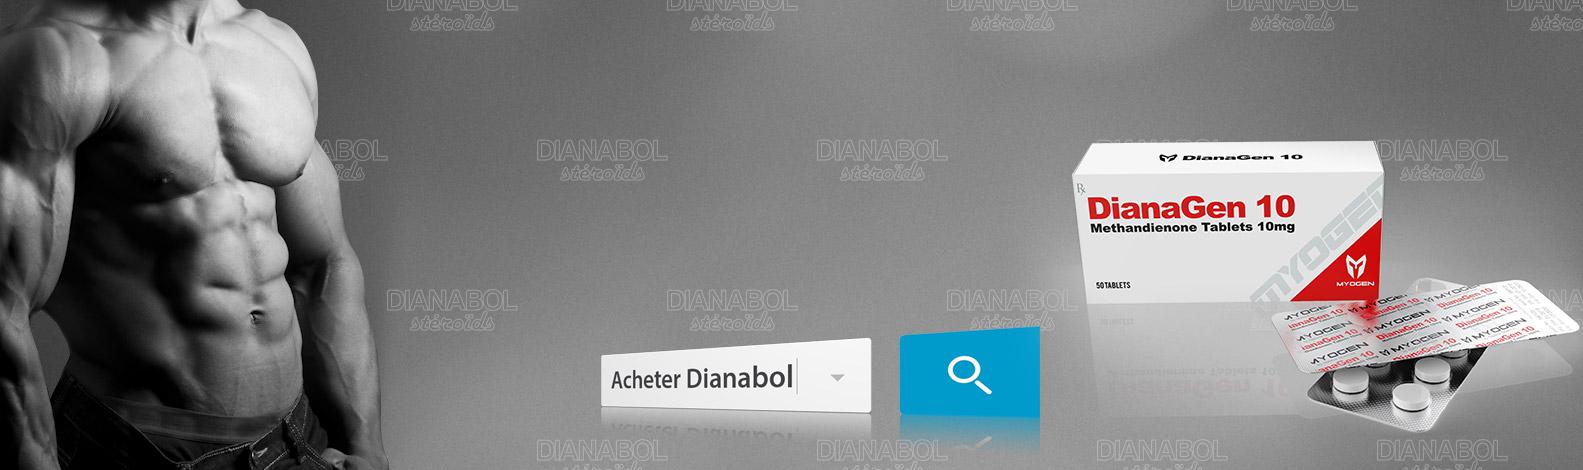 Toute l'information sur le Dianabol Dianabol-Steroids.com